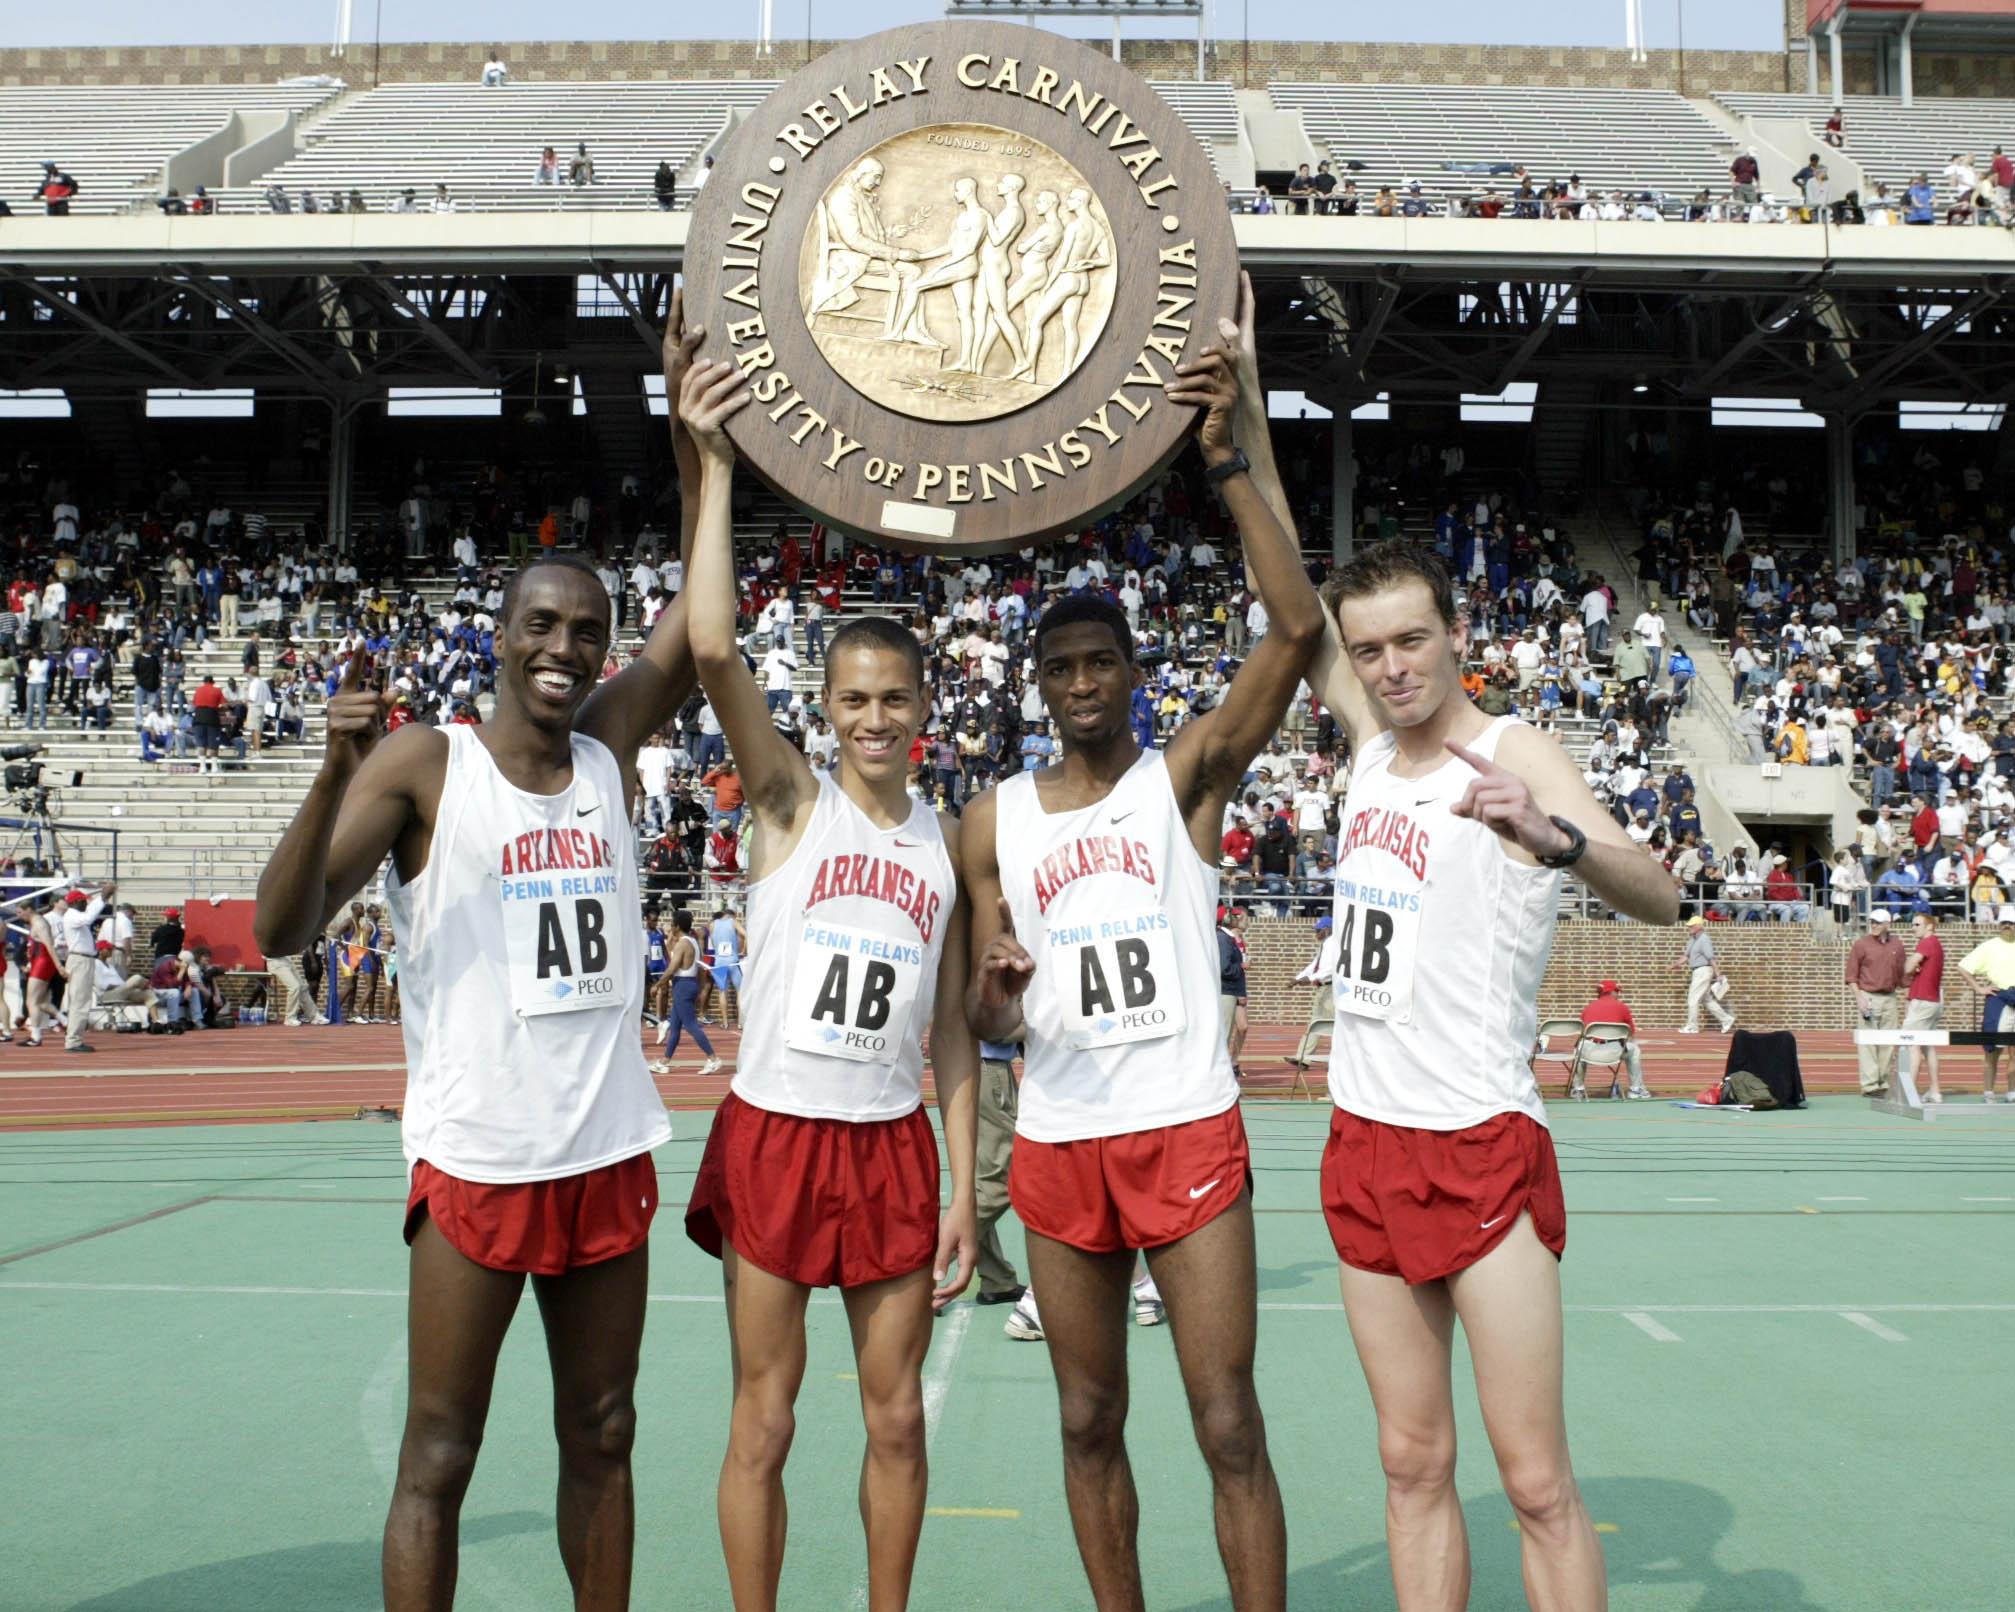 2004 DMR victors